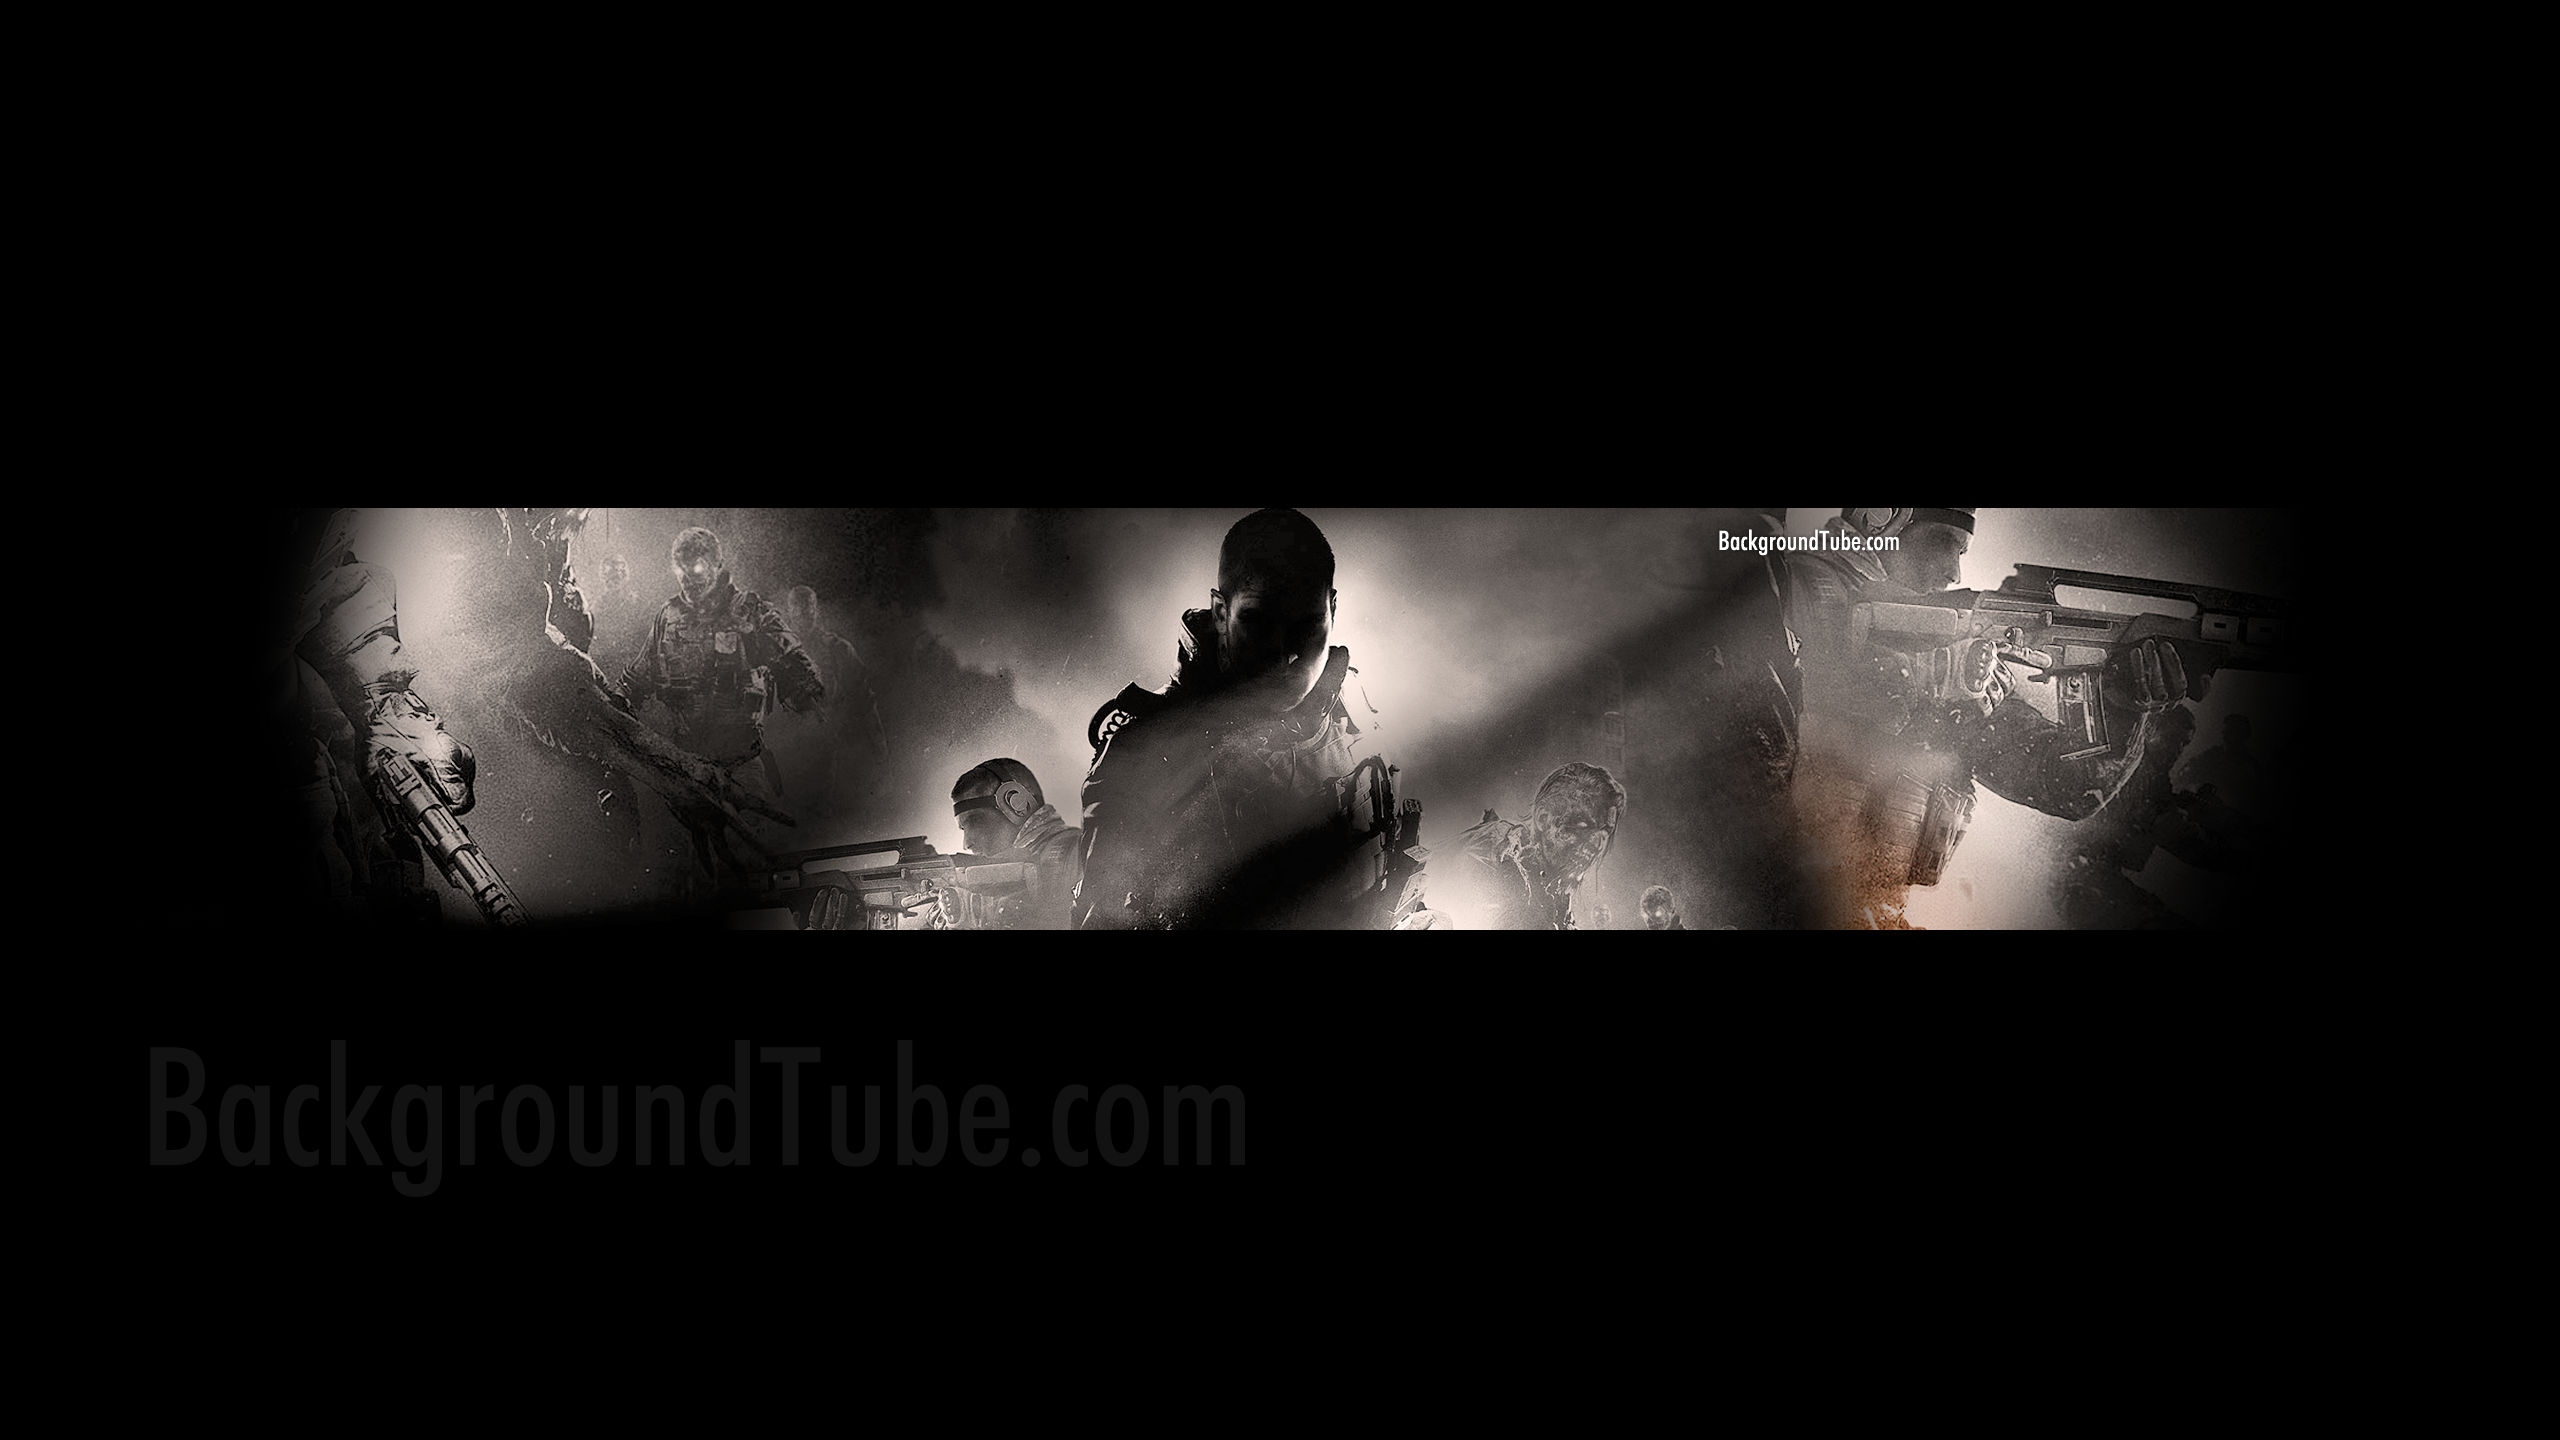 youtube background maker | Kjpwg.com